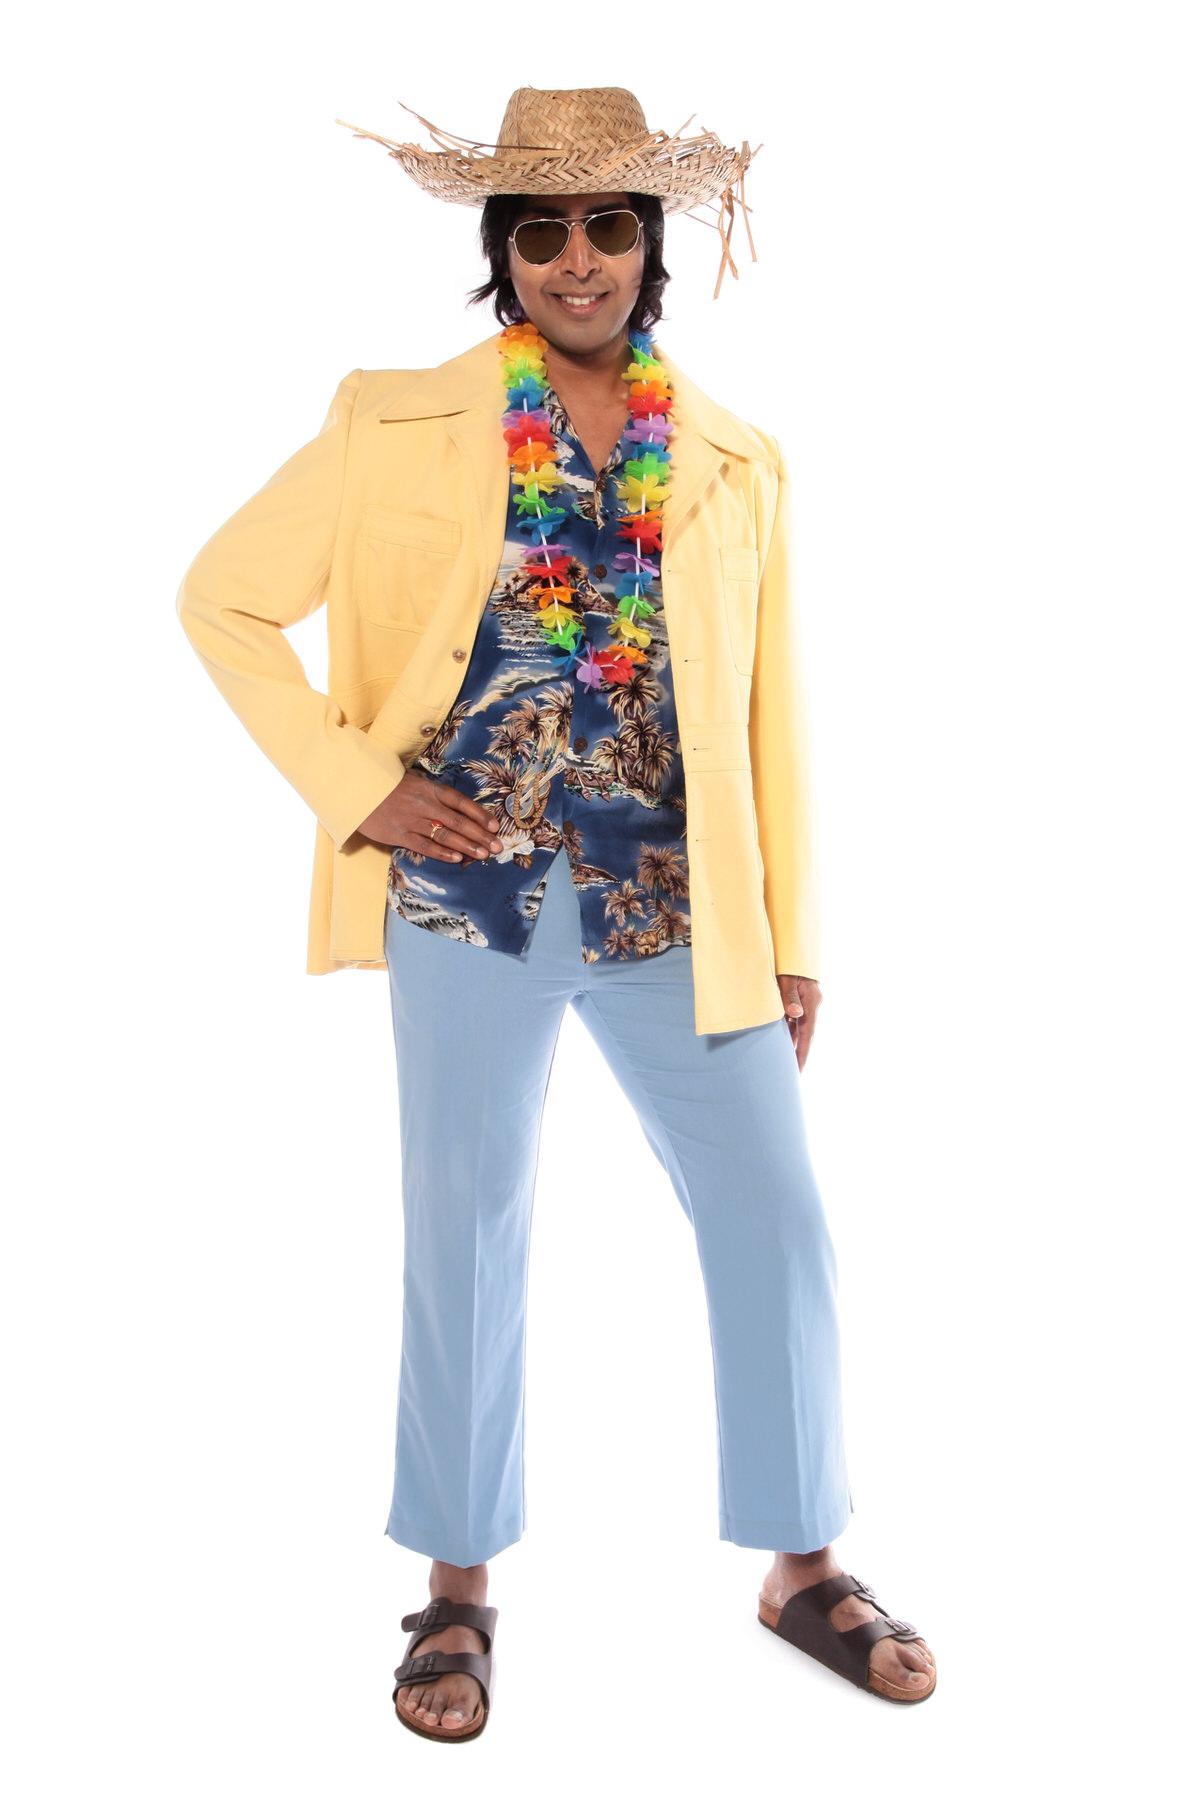 HAWAIIAN HOLIDAY COSTUME W YELLOW RETRO JACKET